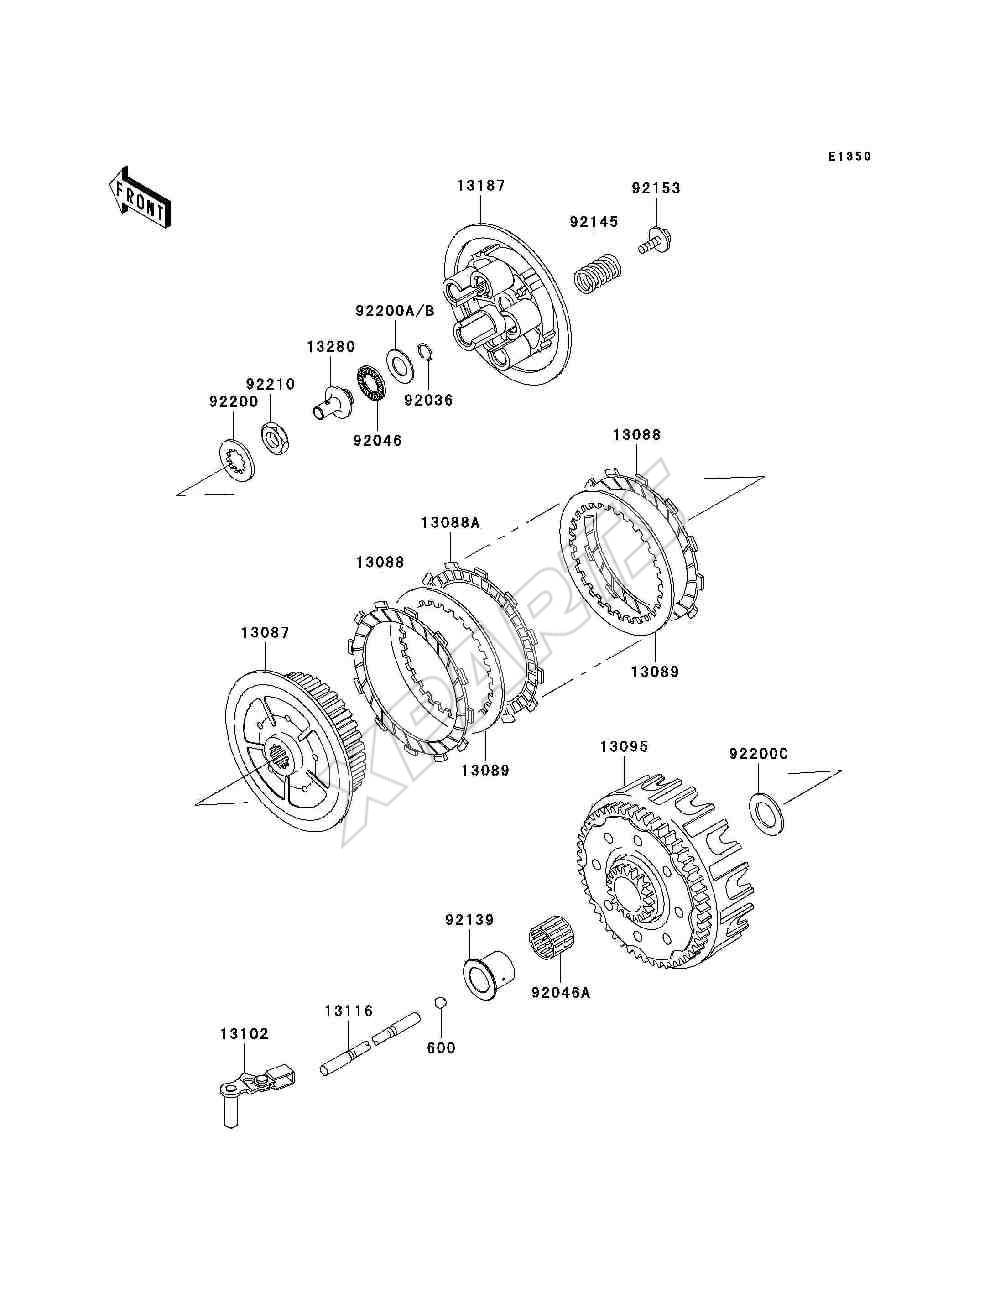 2003 kx125 kx125 m1 49199910 2003 kx125 kx125 m1 kx 125 engine diagram new kx 125 engine diagram new